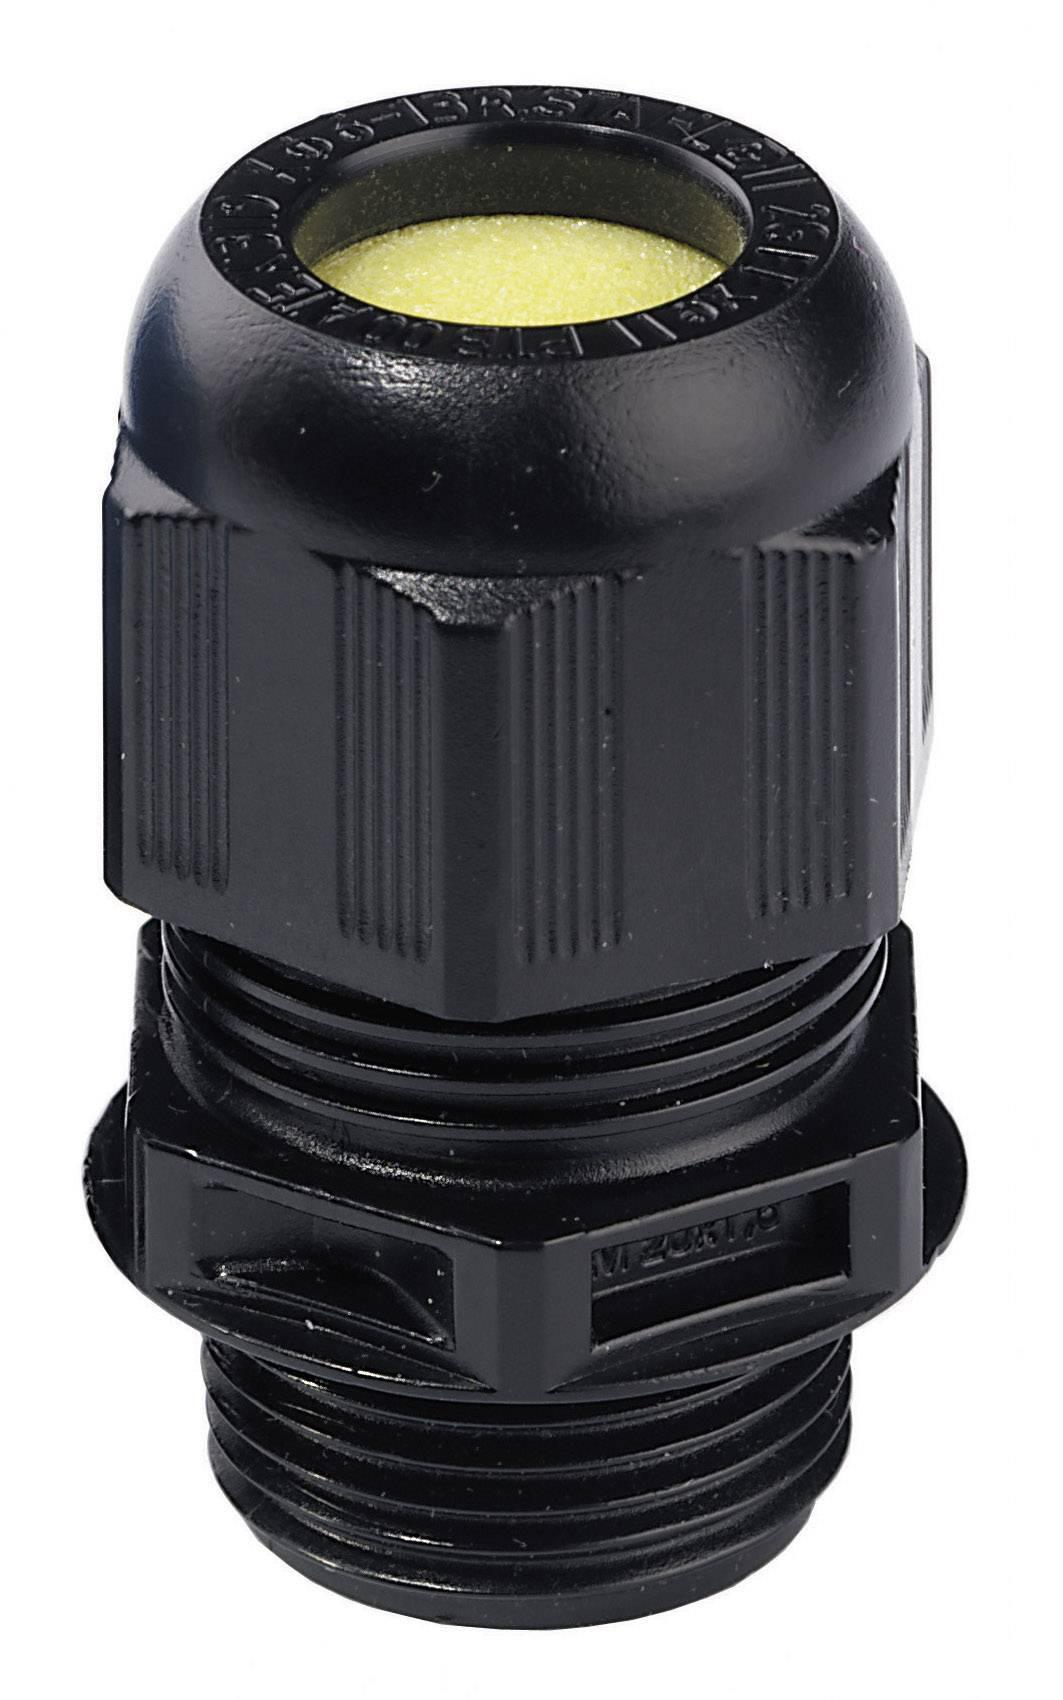 Káblová priechodka Wiska ESKE/1-e M16;ATEX, čierna (RAL 9005), 1 ks